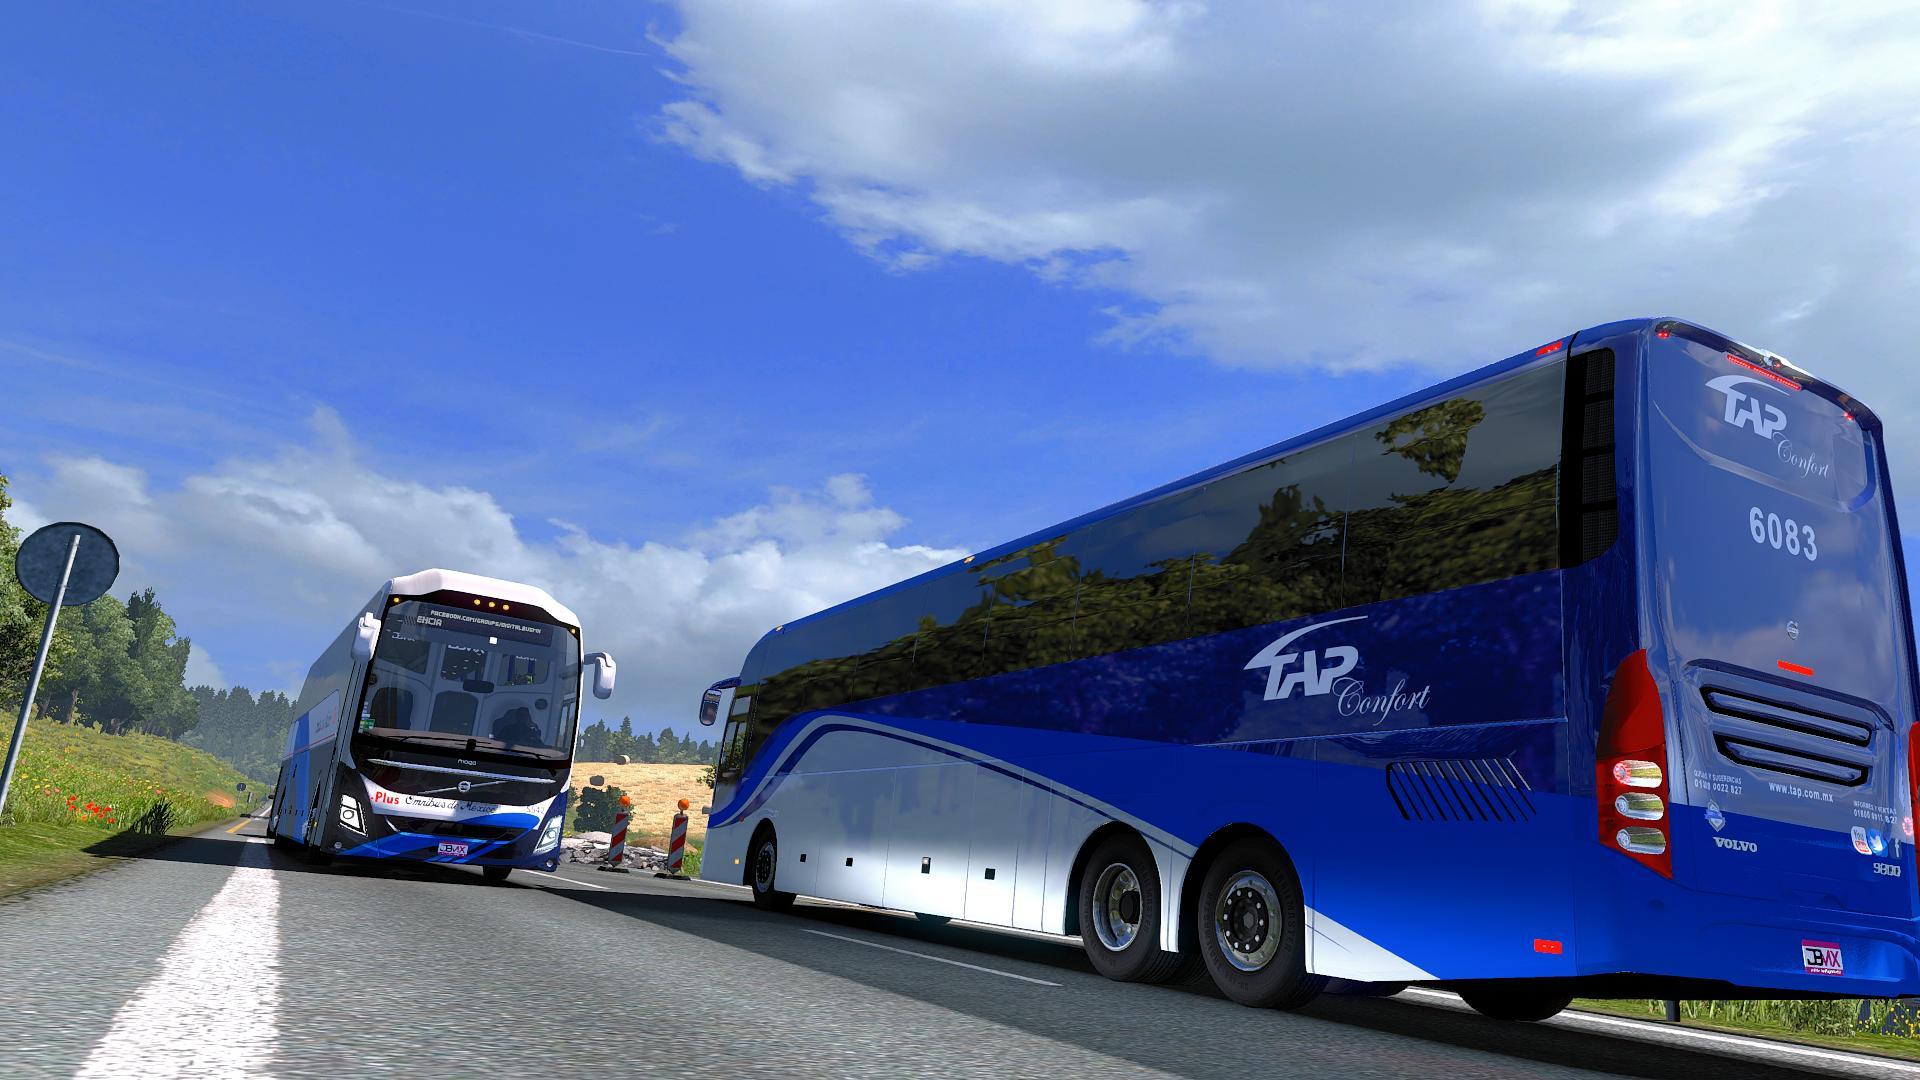 BUS VOLVO 9800 PREMIUM 1.30 BUS MOD -Euro Truck Simulator 2 Mods